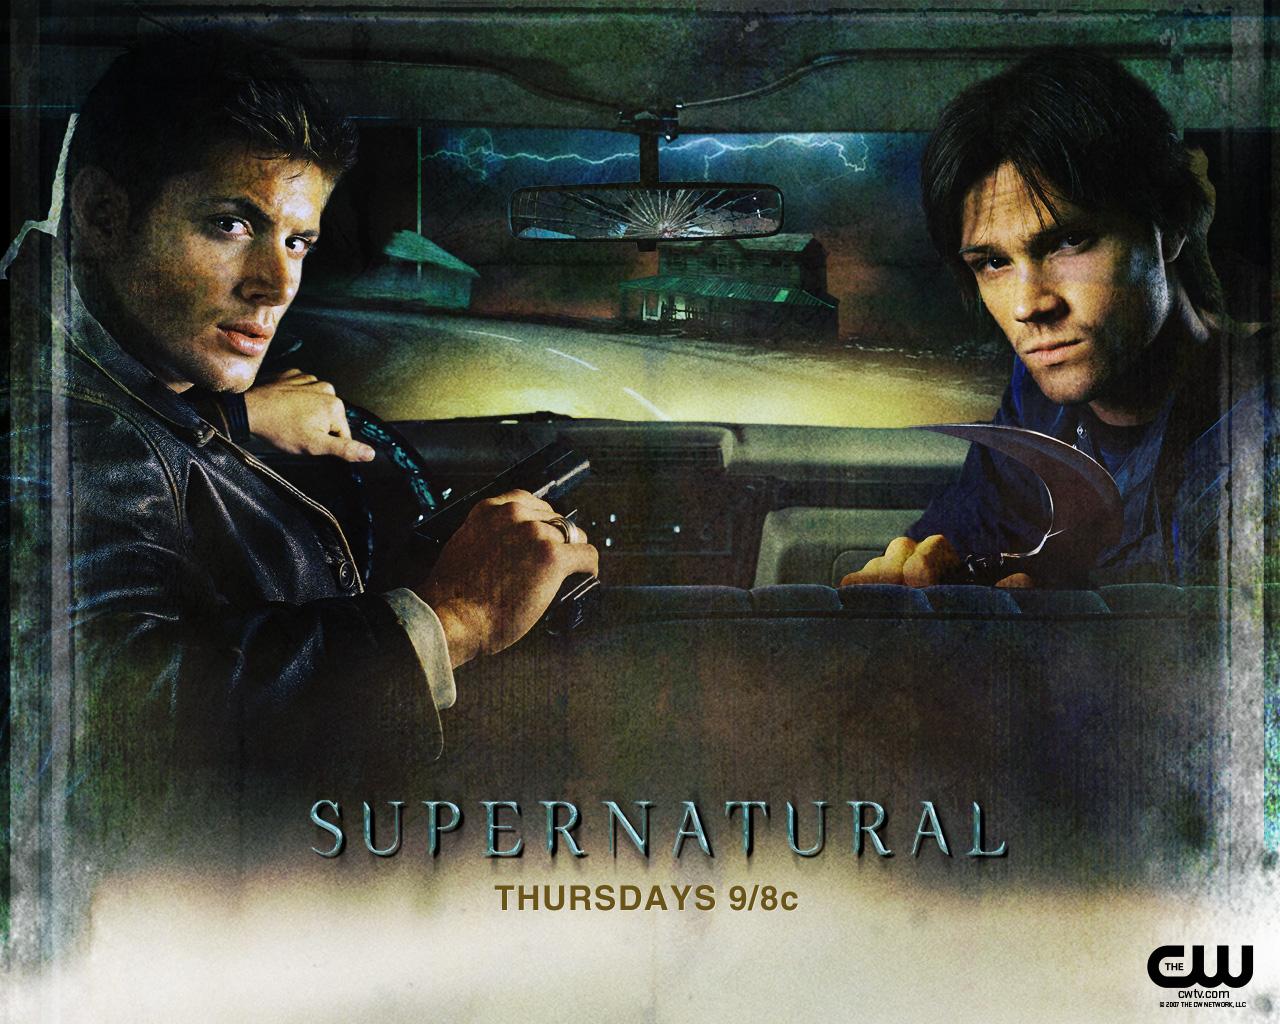 https://2.bp.blogspot.com/-7dKagB9sXDM/UGyyrGnGfcI/AAAAAAAAAB8/Z7NUzB3UJNY/s1600/cw-supernatural-wallpaper-1280.jpg